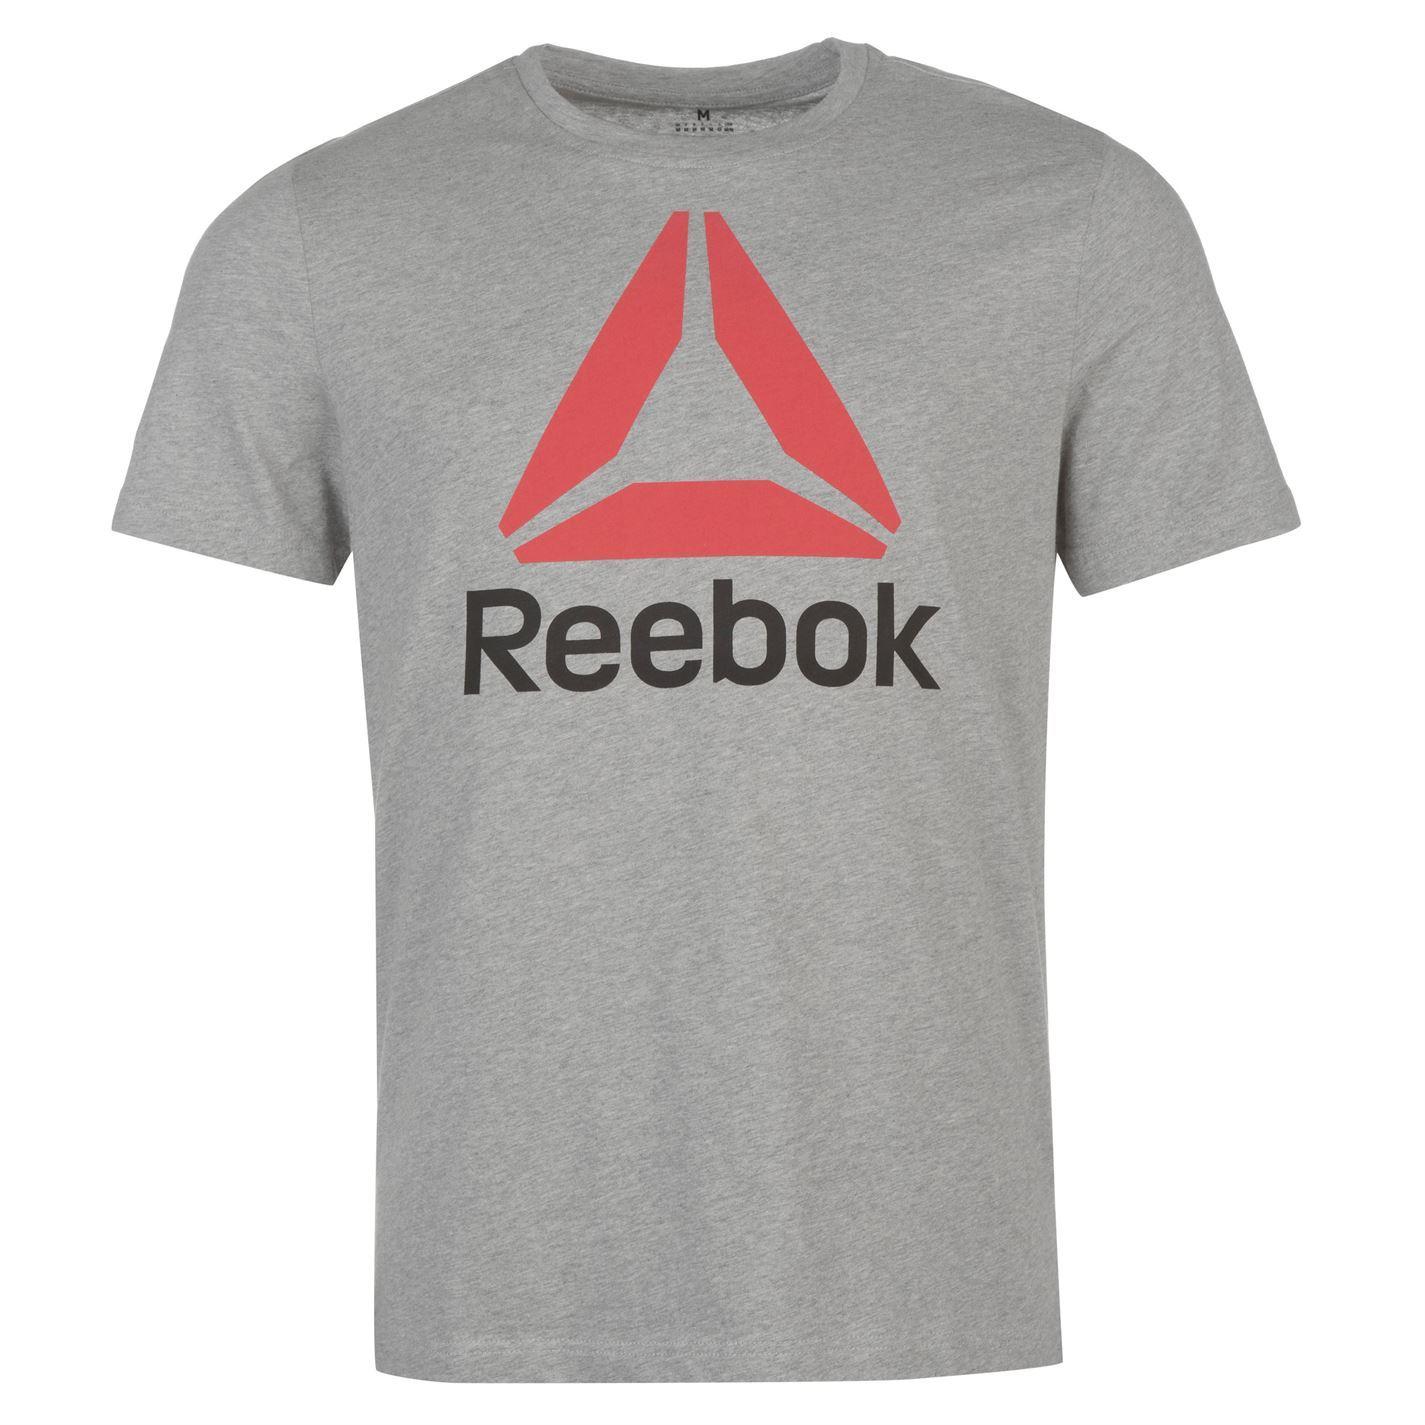 Reebok-Stack-Delta-Logo-T-Shirt-Mens-Tee-Shirt-Top thumbnail 14